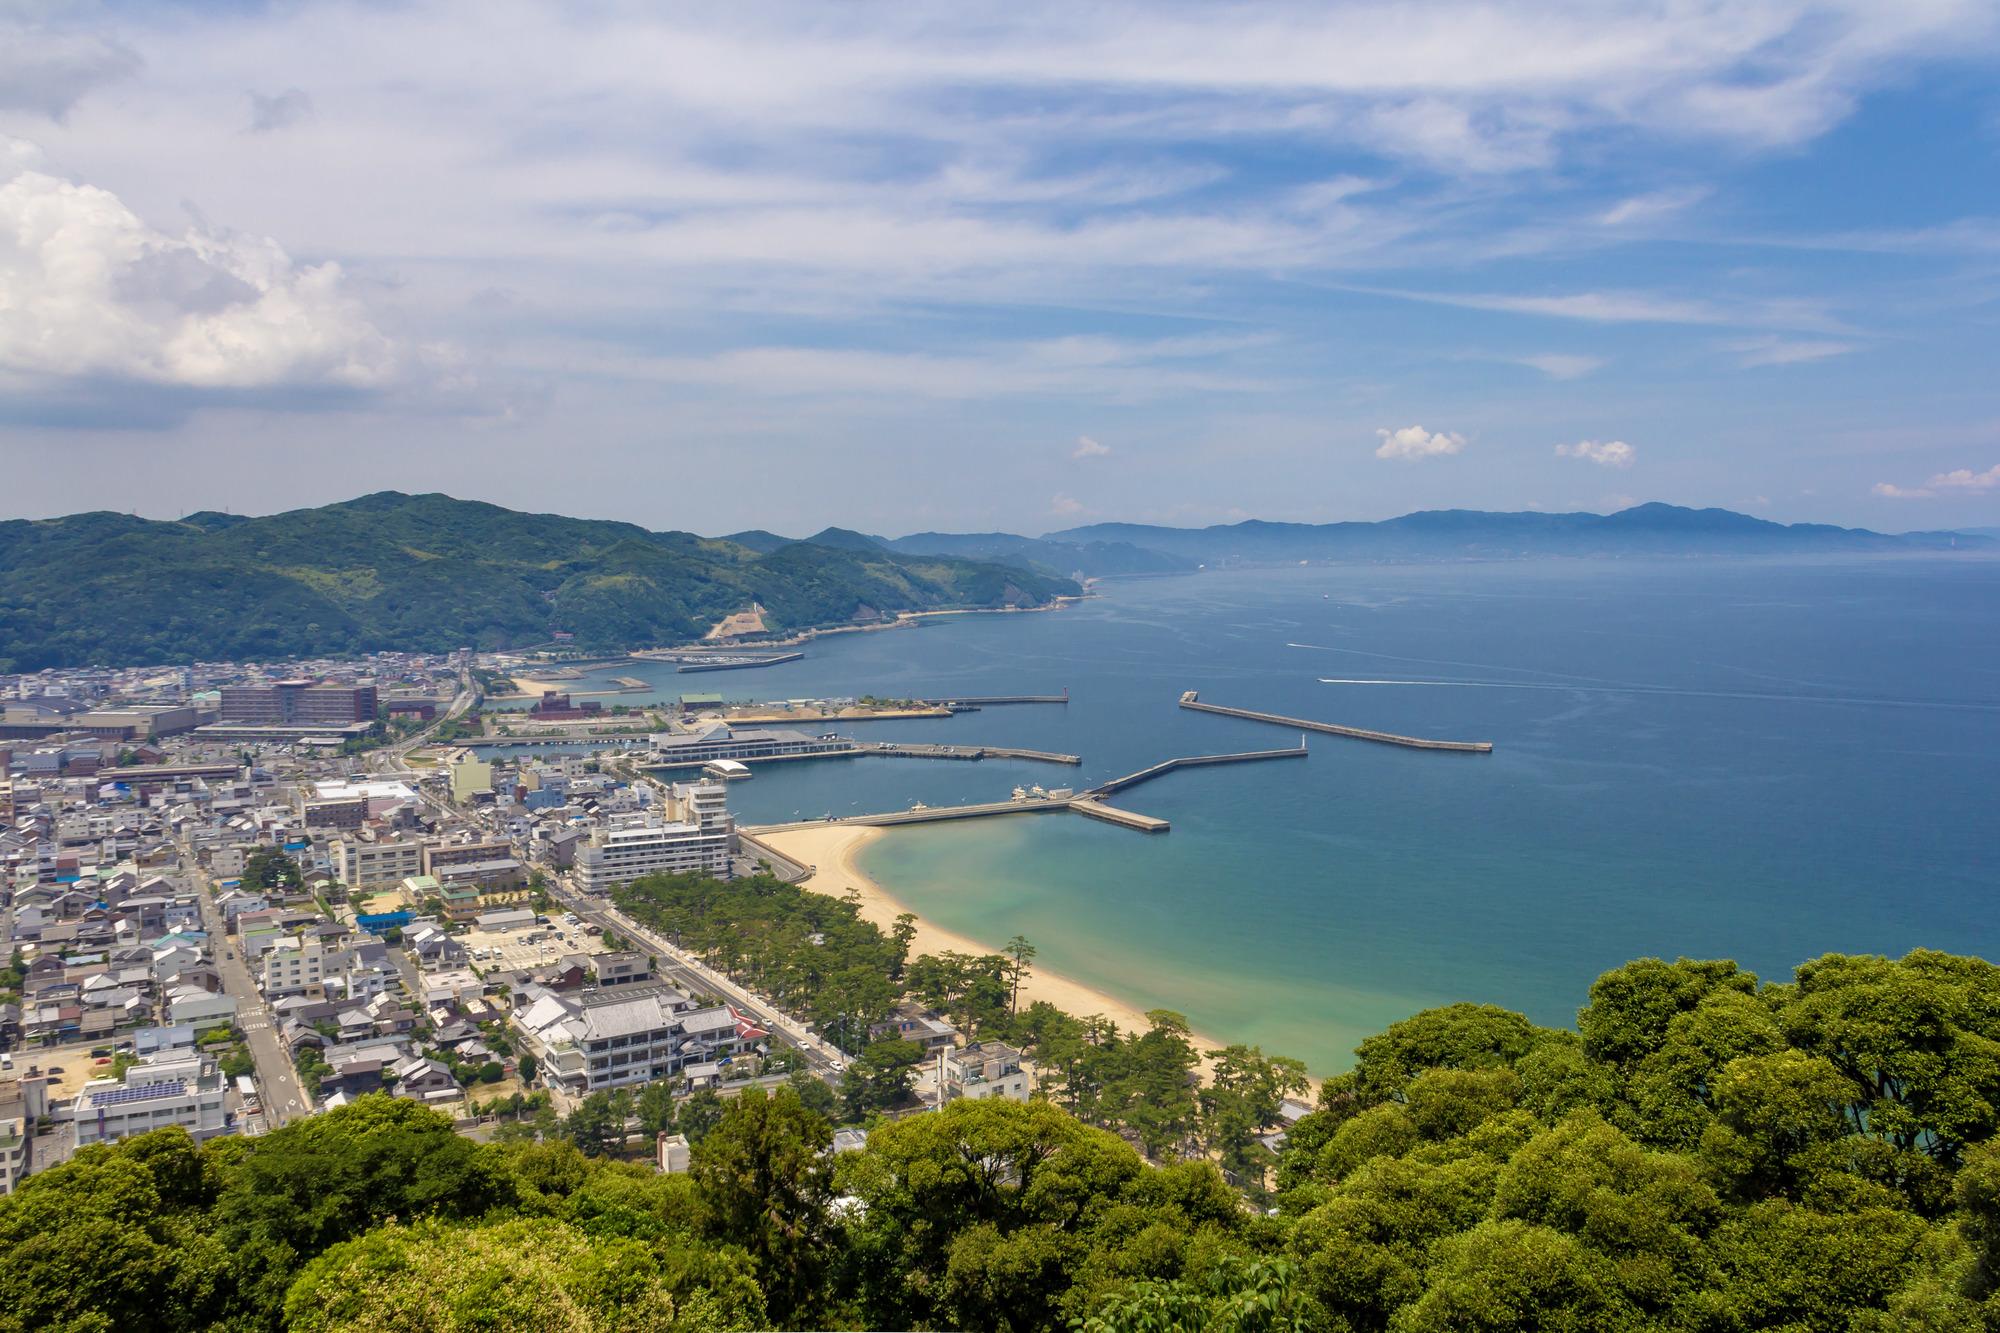 (兵庫県/竹野海岸)休日は城崎温泉などへ温泉巡りをしたリゾートバイト